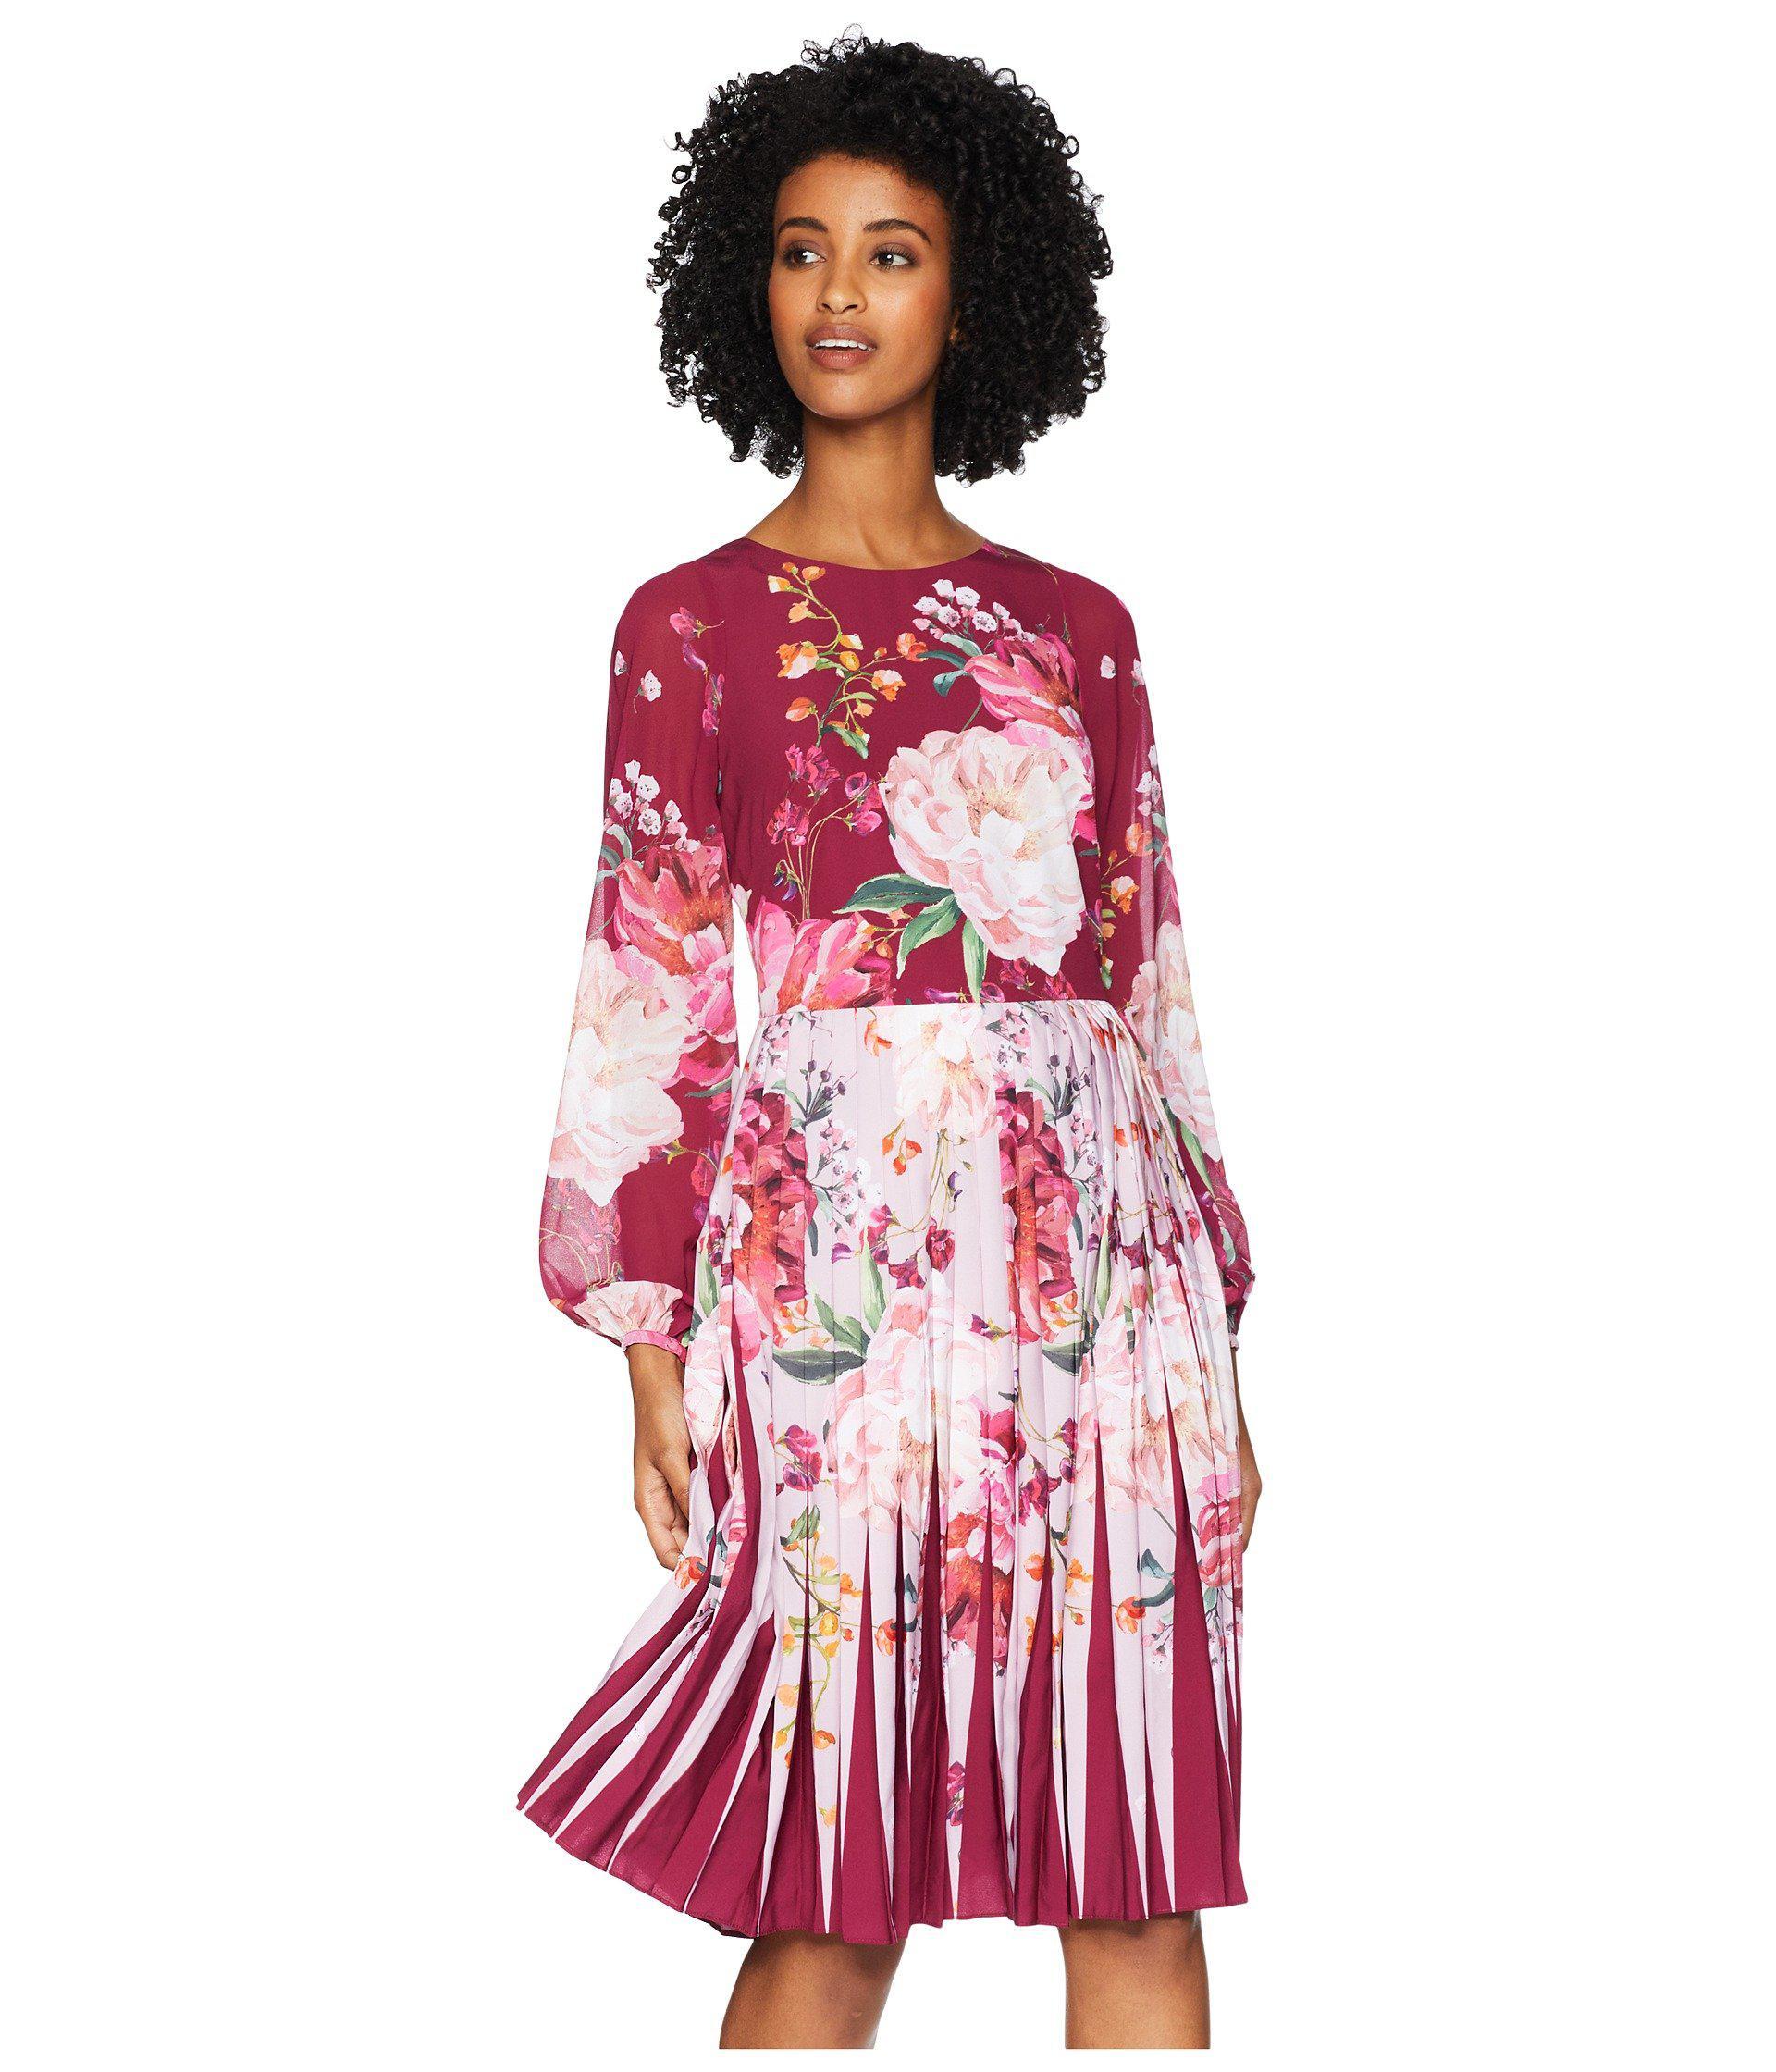 a3766b23f89f81 Lyst - Ted Baker Esperan Serenity Contrast Pleat Dress (maroon ...